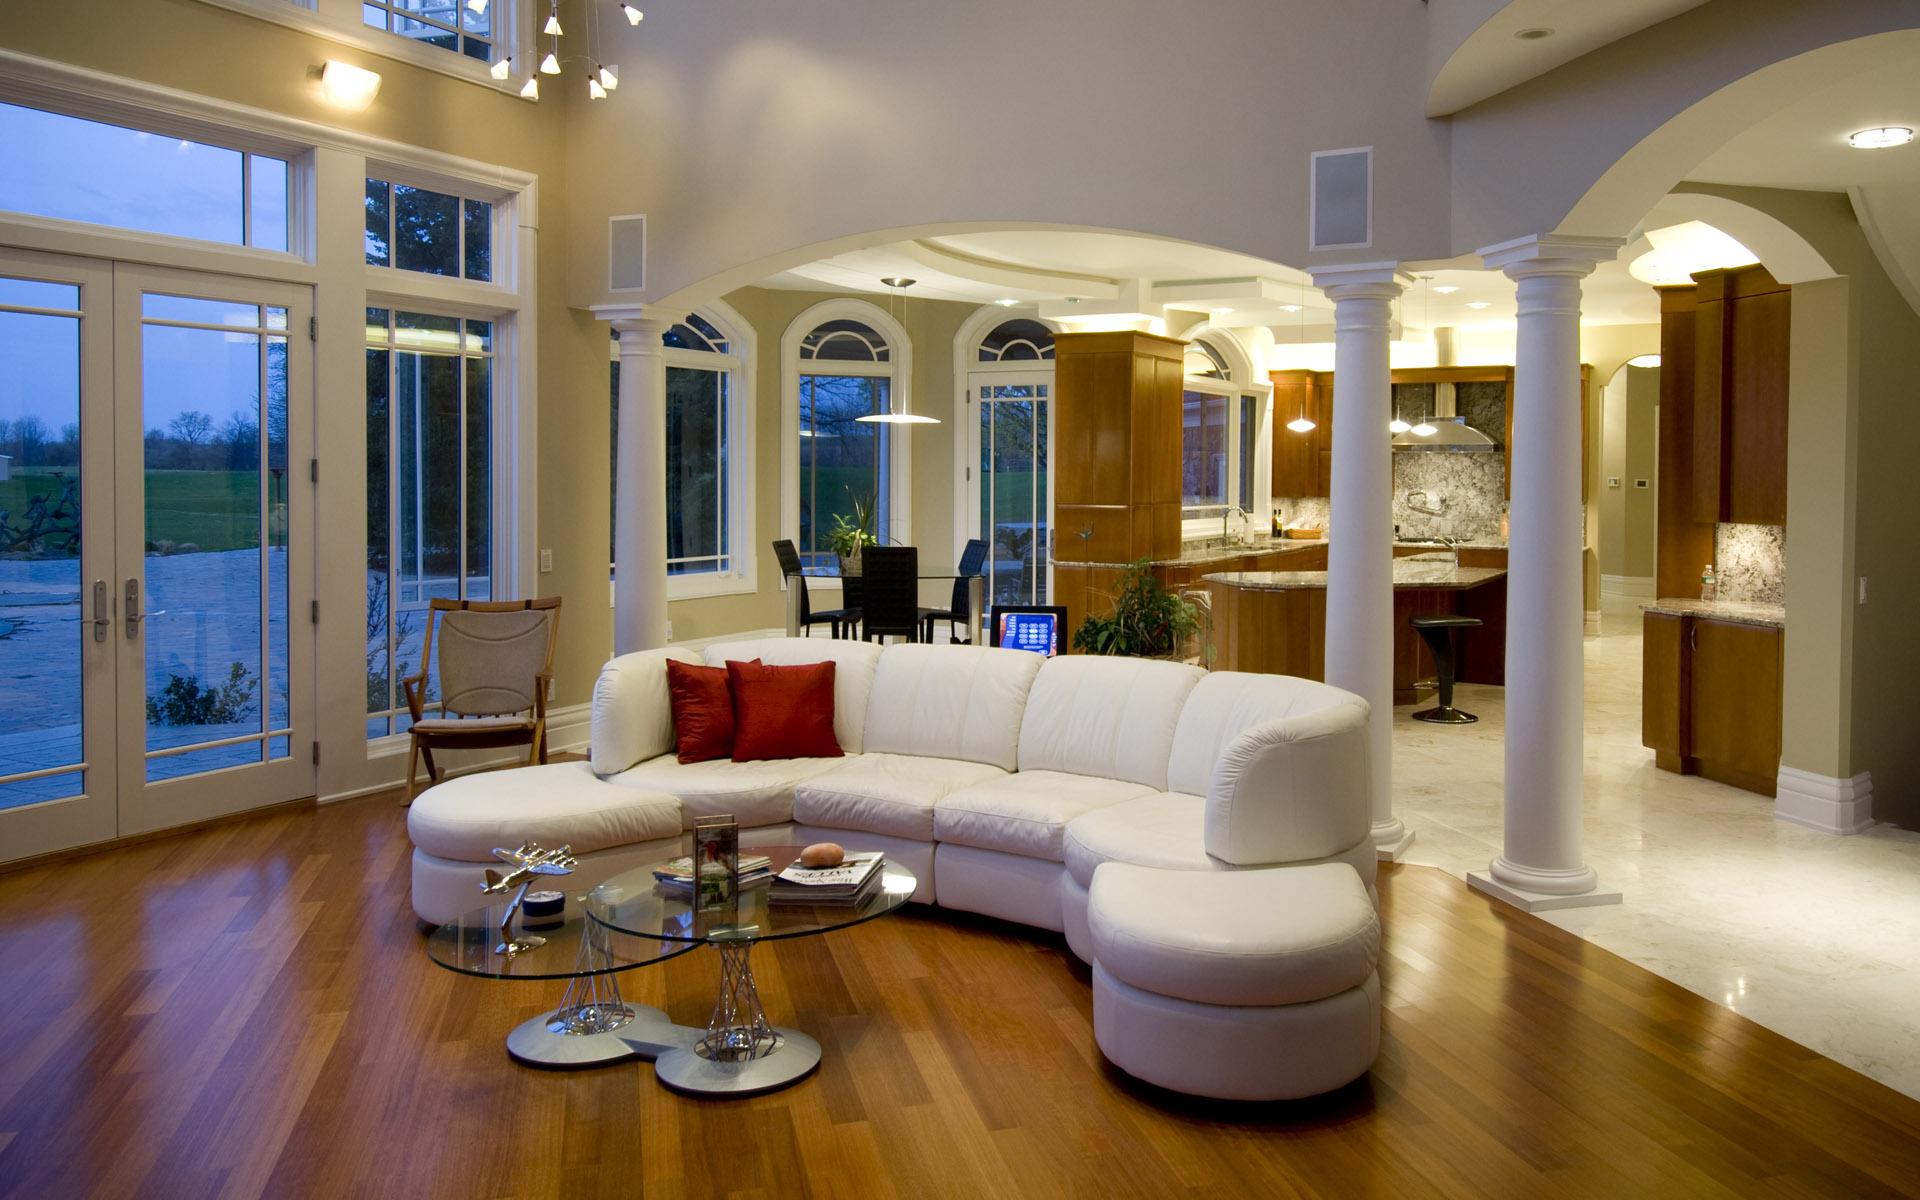 家居客厅装修效果图高清图片素材1(20p)[中国资源网